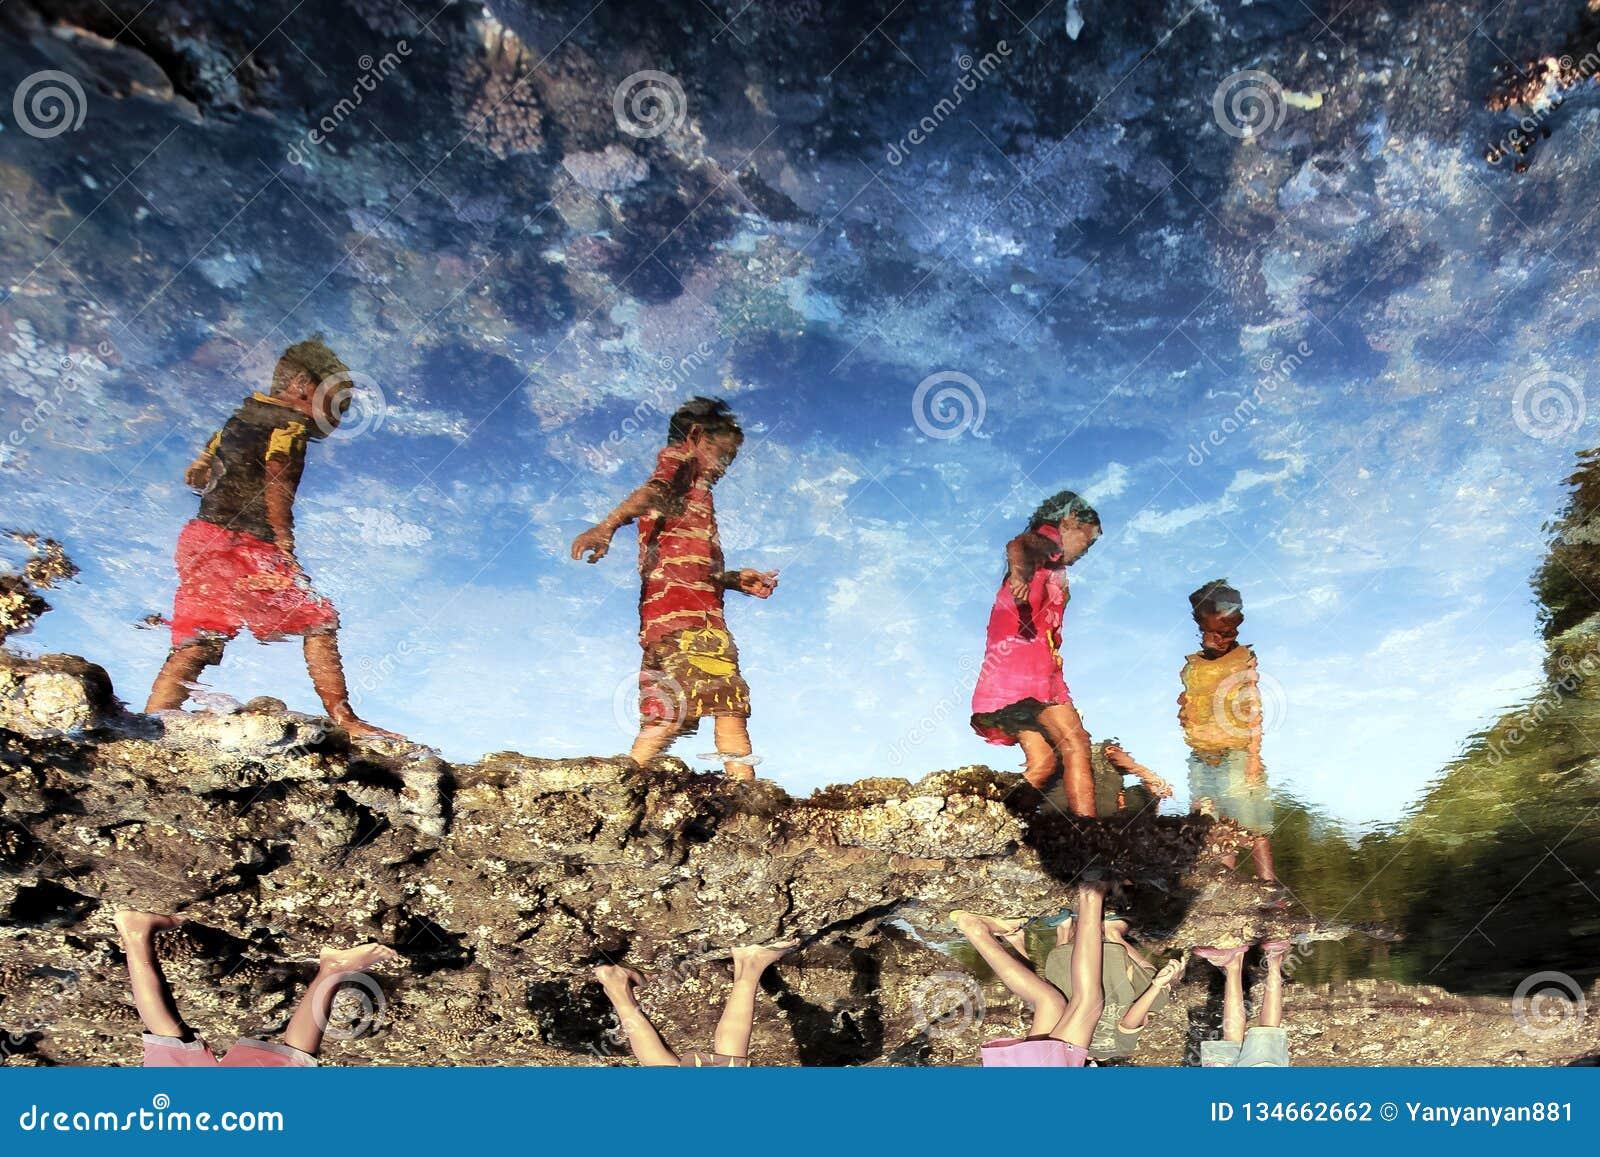 小组发展中国家在海滩的儿童游戏